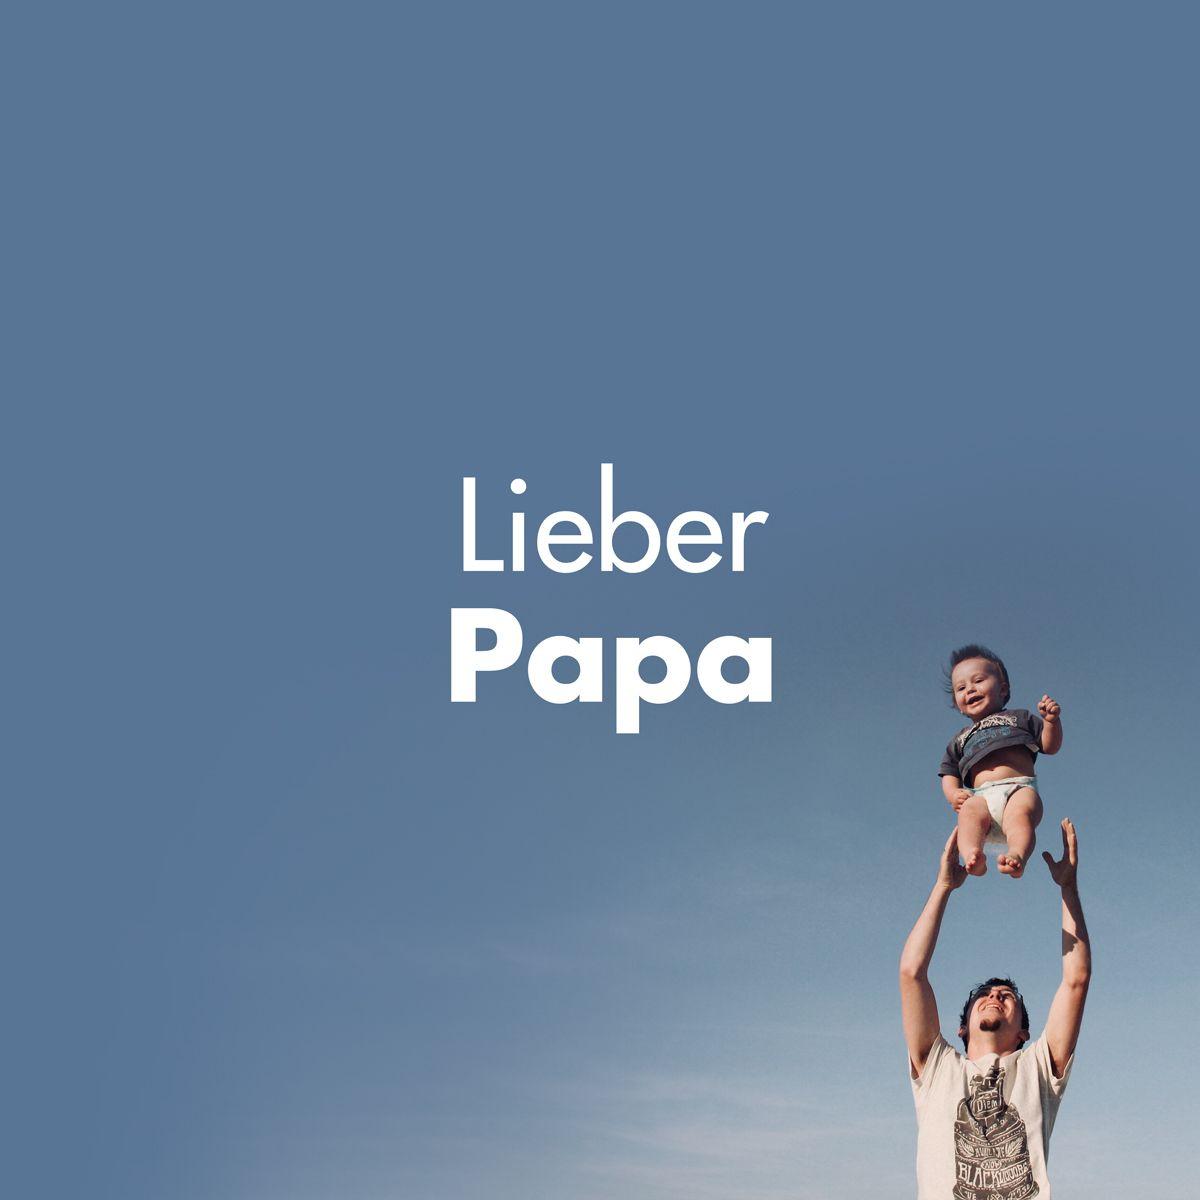 An alle Papas da draußen: Danke! 💚 #vatertag Danke für